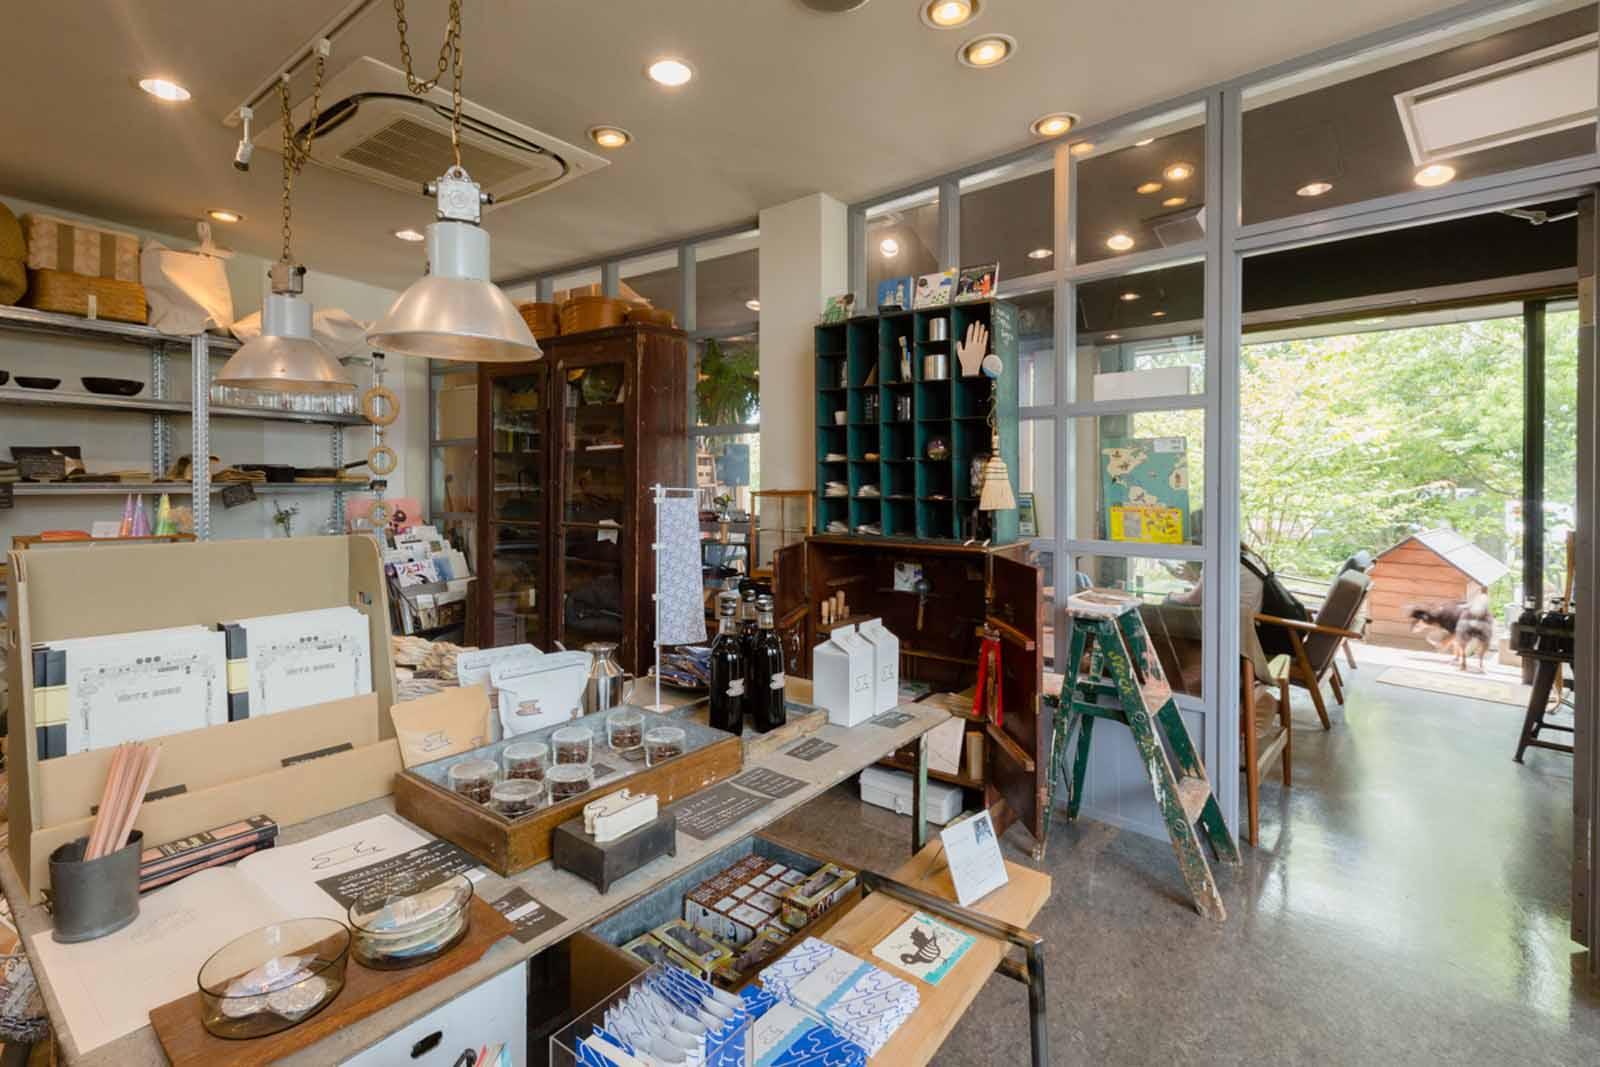 コーヒーを待つ間に買い物が楽しめる併設のショップ。地元燕の製品も充実。